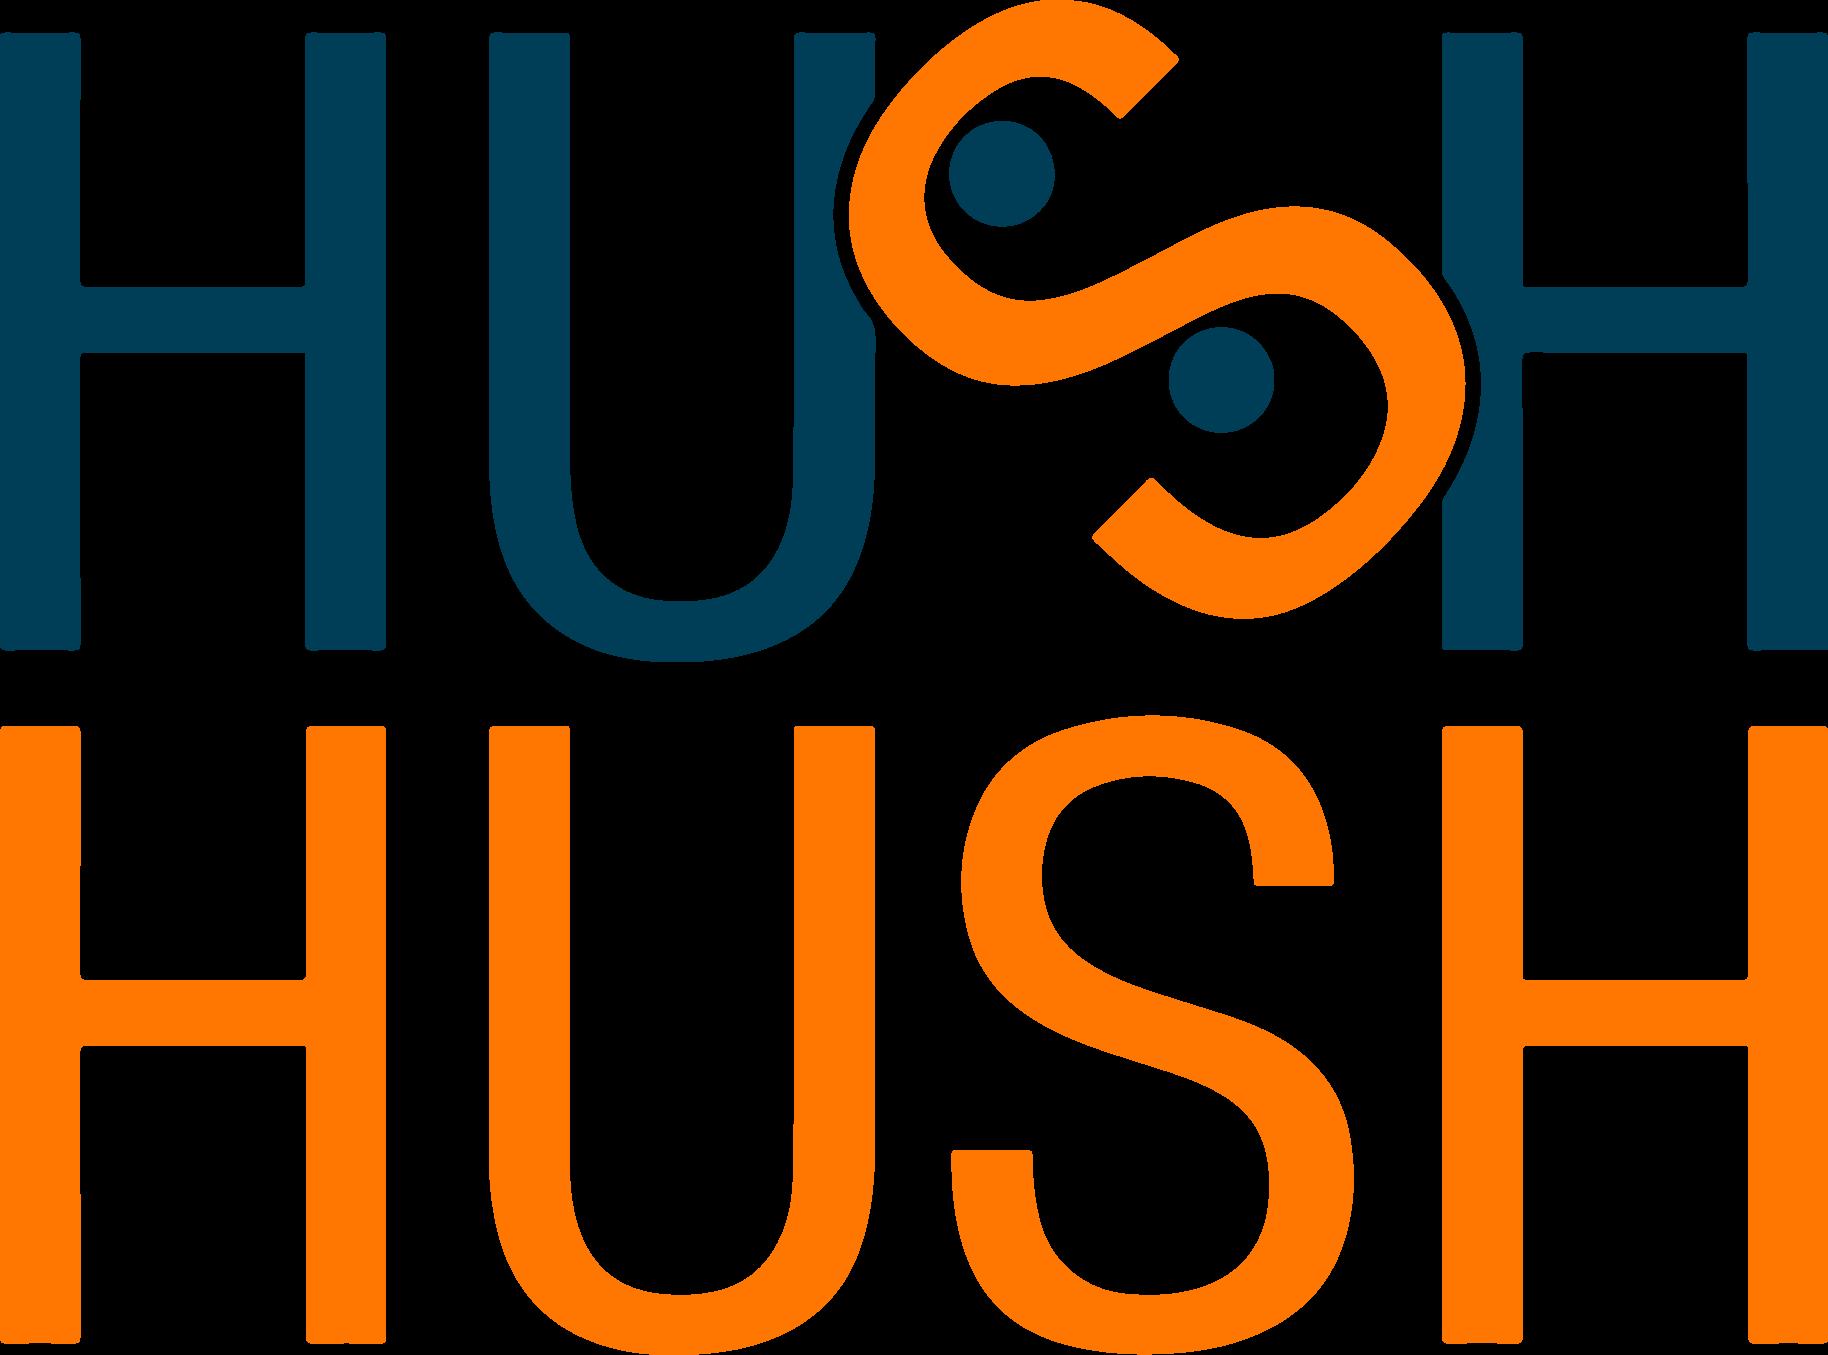 HushHush